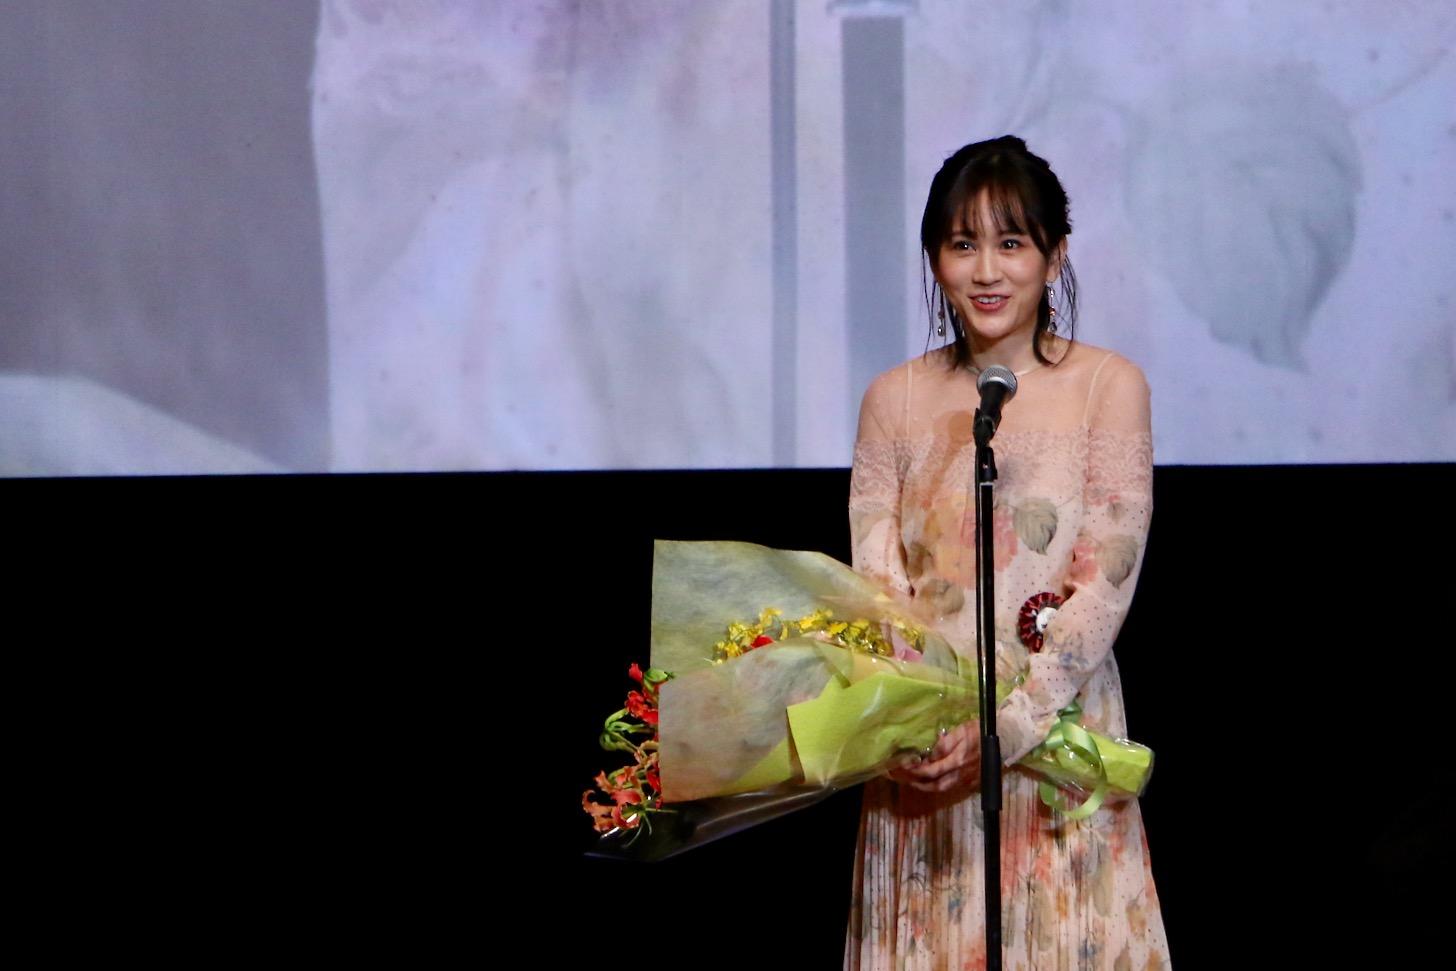 前田敦子さん 第11回TAMA映画賞授賞式(C)多摩ポン